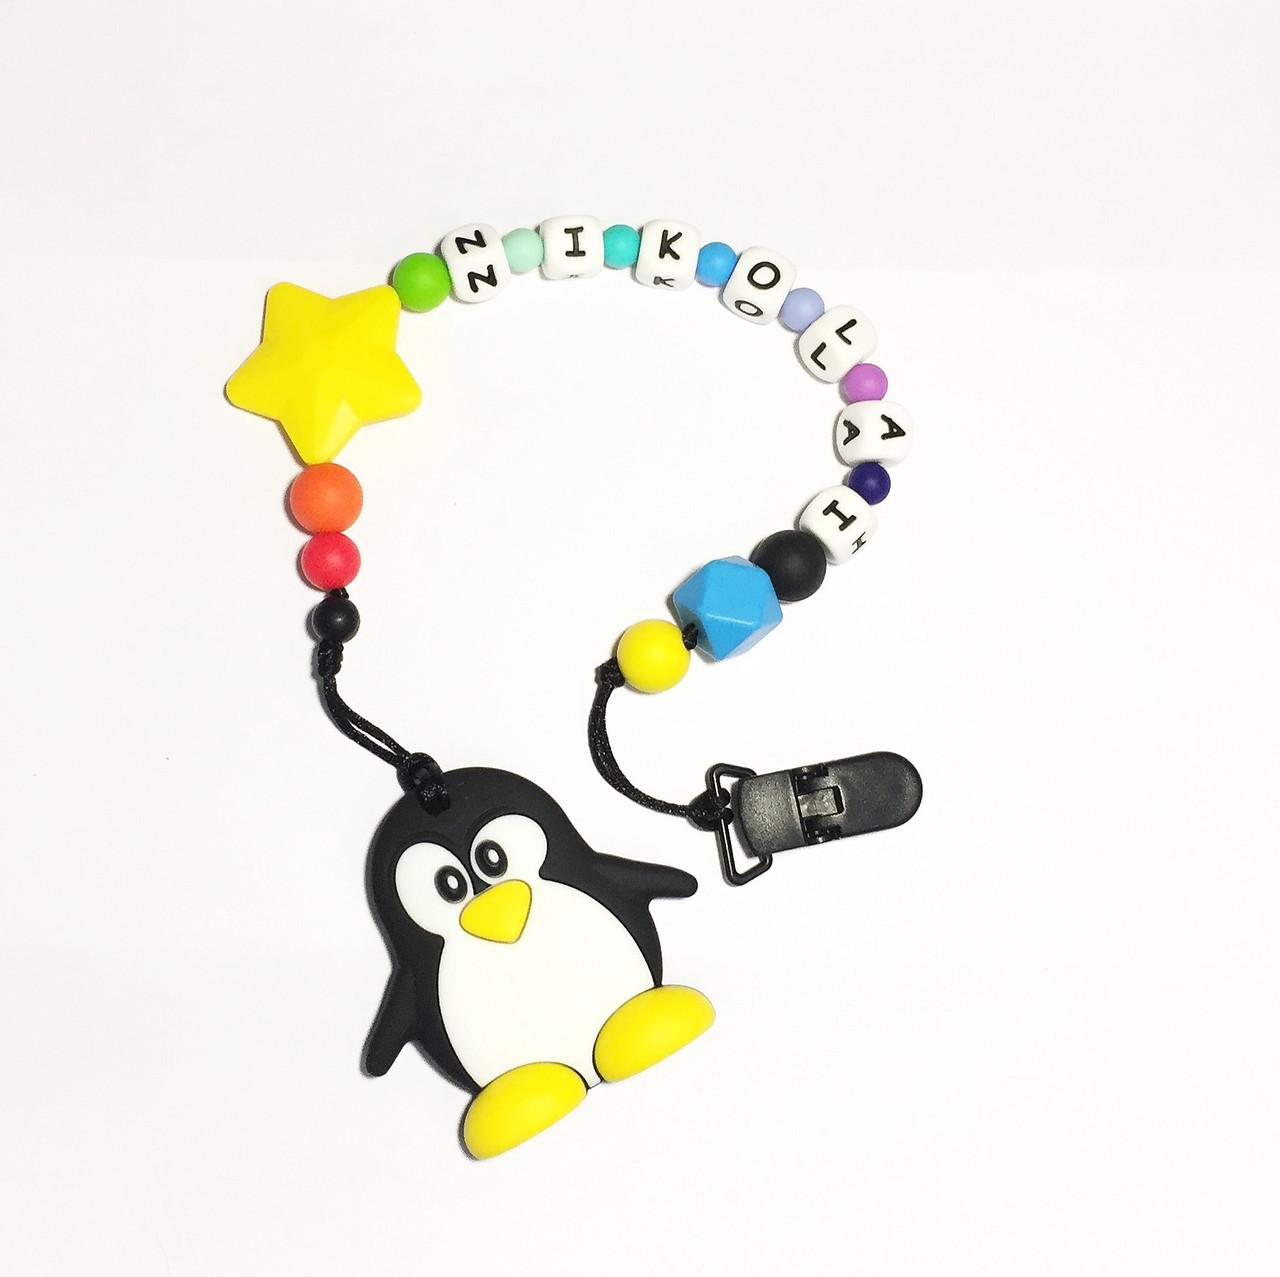 Іменний силіконовий гризунець, Веселковий пінгвін